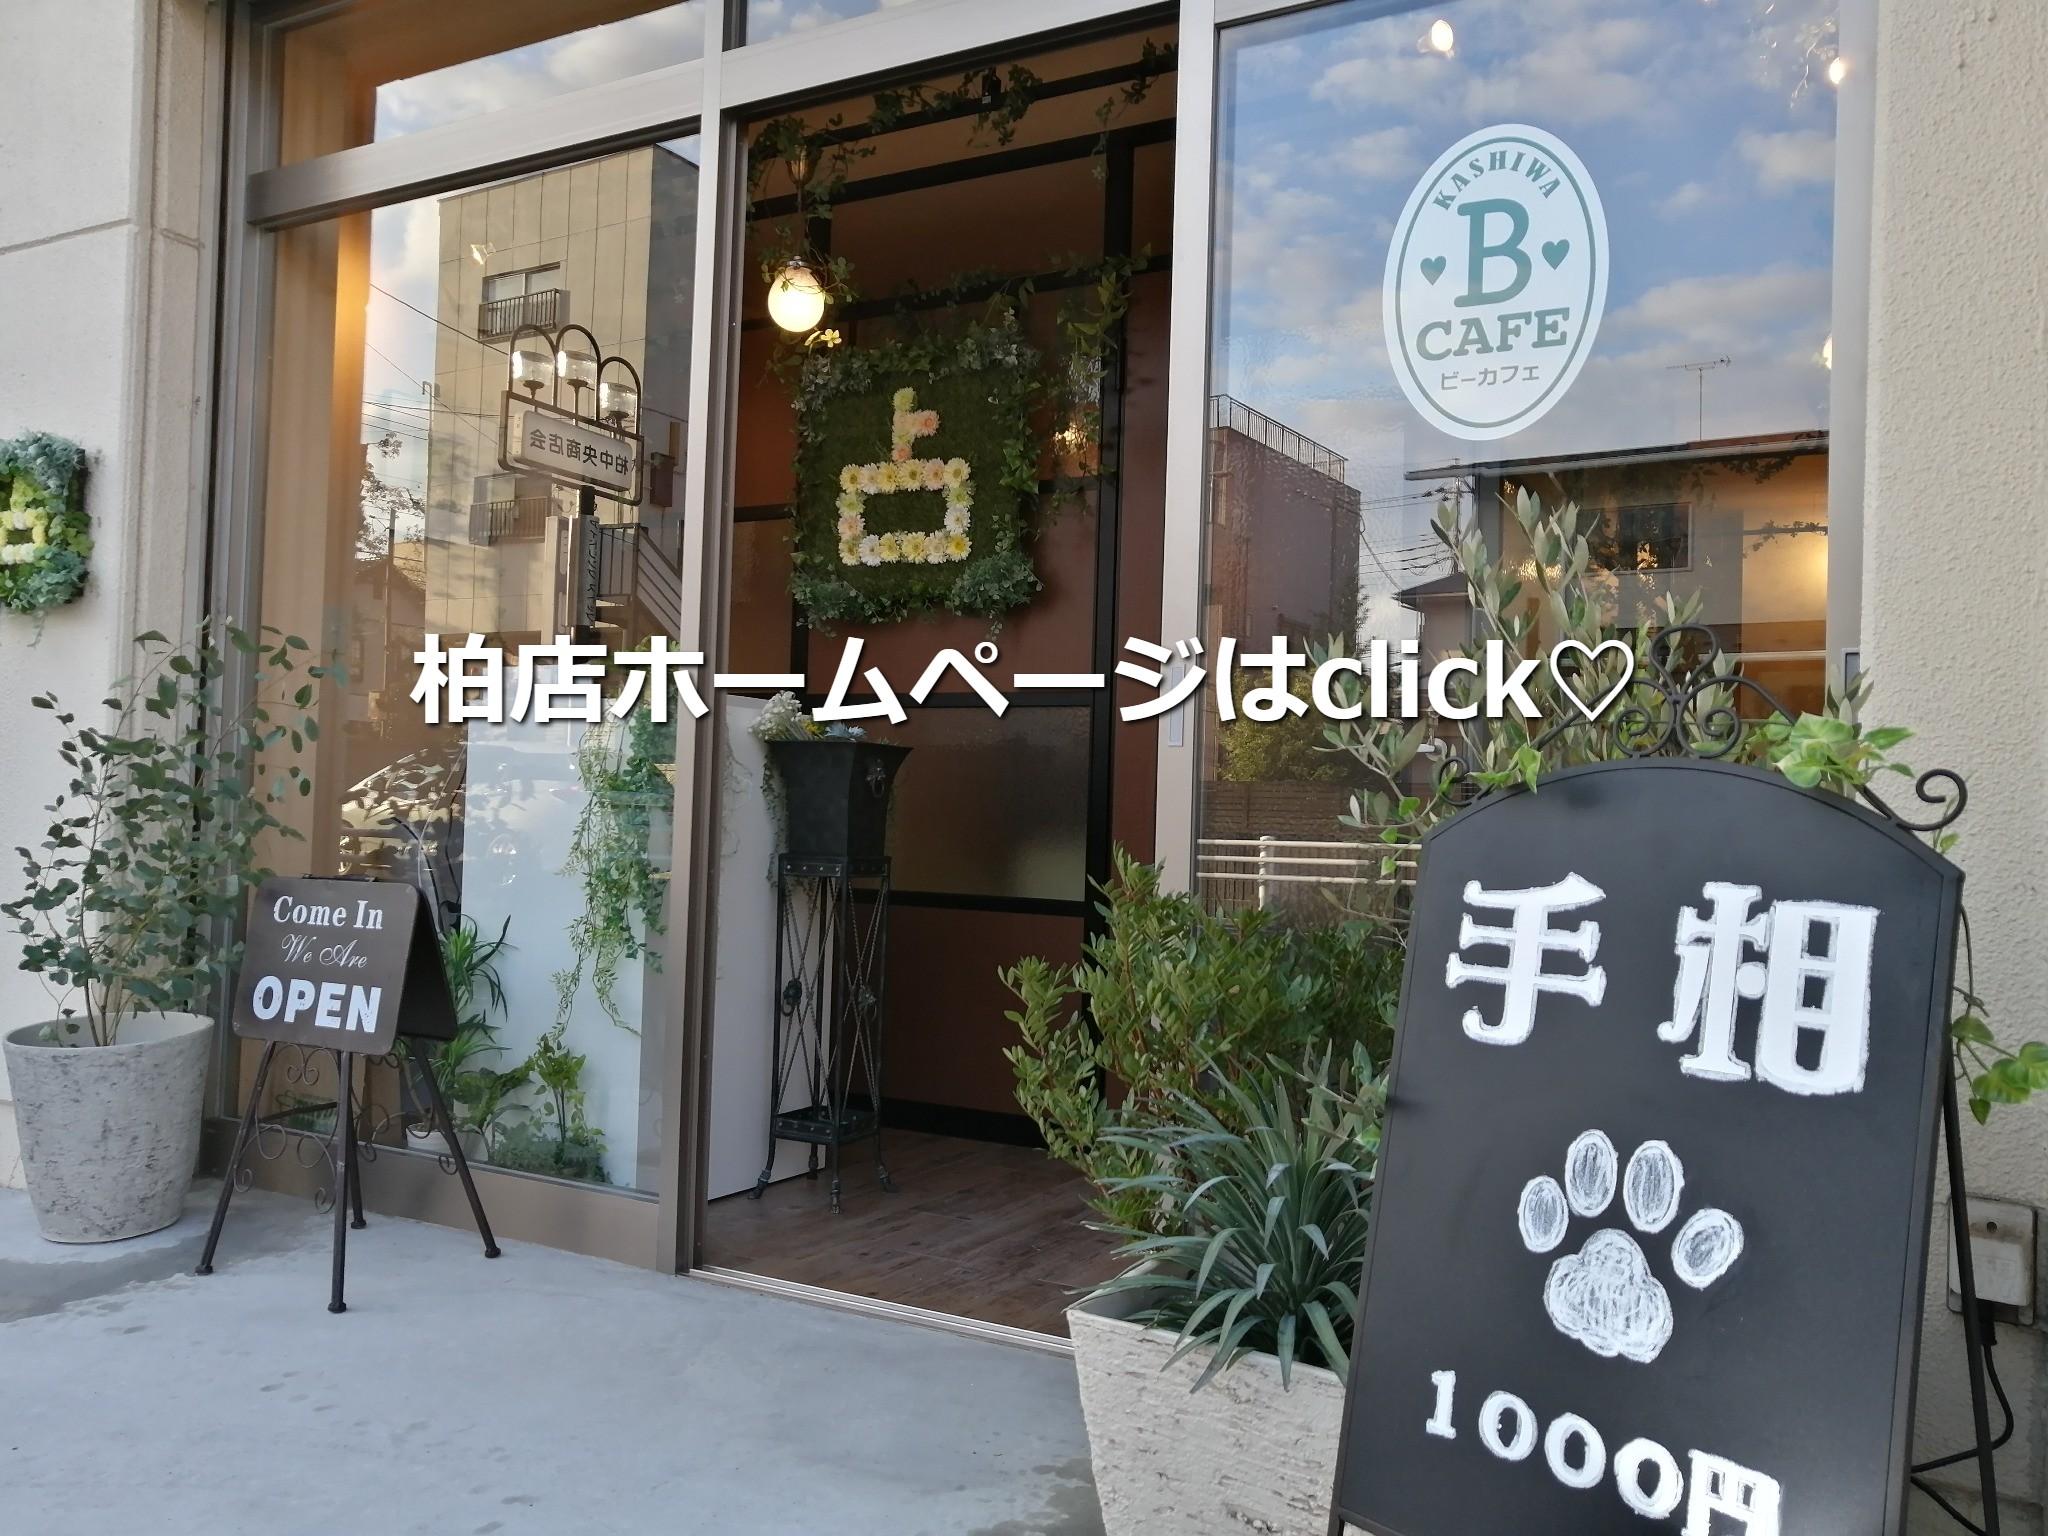 千葉・柏占いなら「占い館BCAFE(ビーカフェ)千葉柏店」へ!群馬県で当たると噂のタロット占い師が対応します。オンライン・リモート活用で、全国何処からでも占い相談可能です。